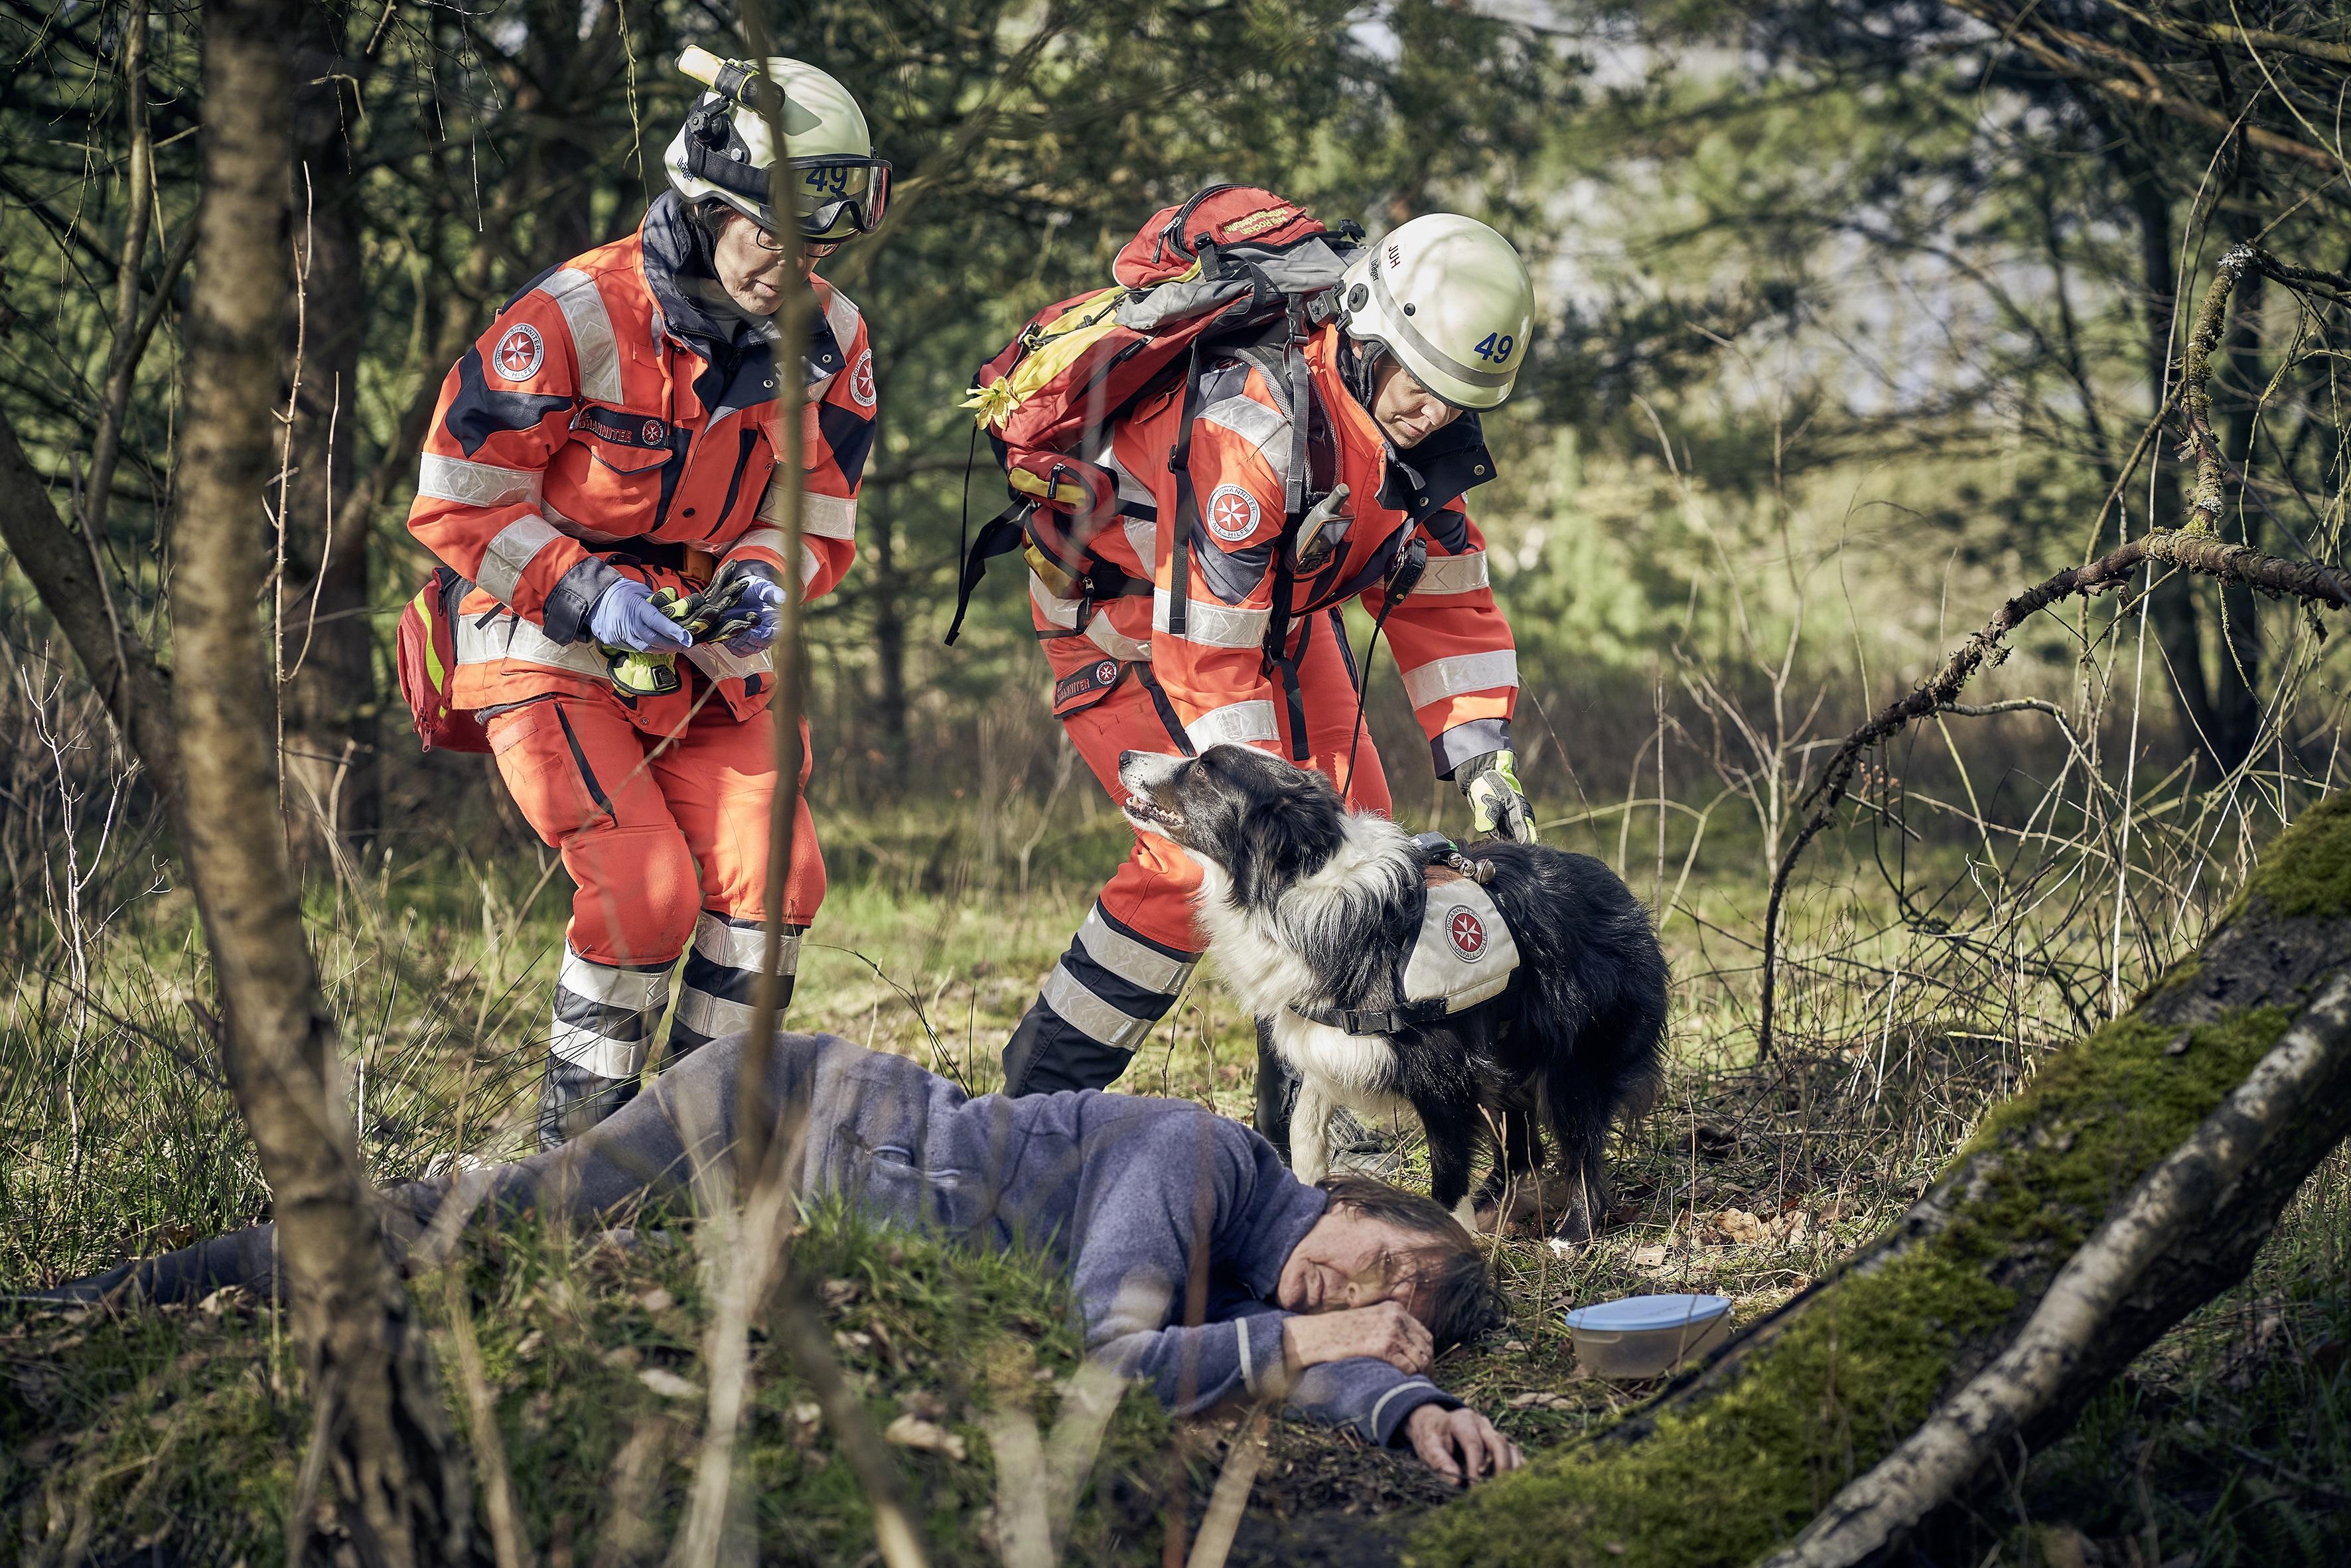 Zwei Personen der Rettungshundestaffel und ein Rettungshund finden eine in Not geratene Person im Wald